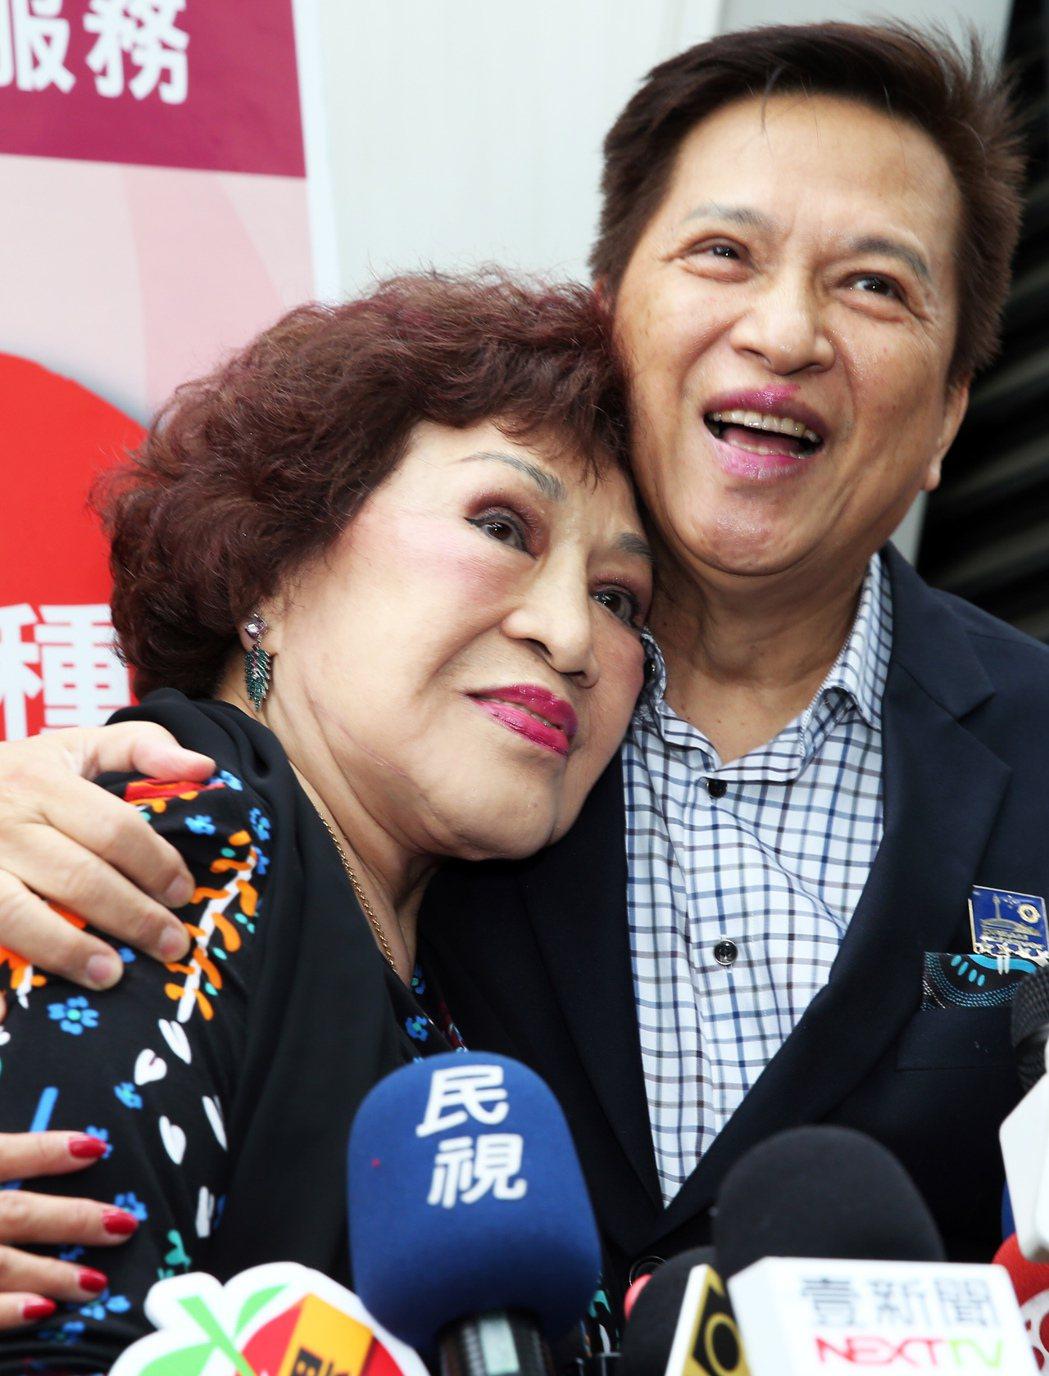 周遊與李朝永在媒體聯訪時大方親吻曬恩愛。本報資料照 記者徐兆玄/攝影